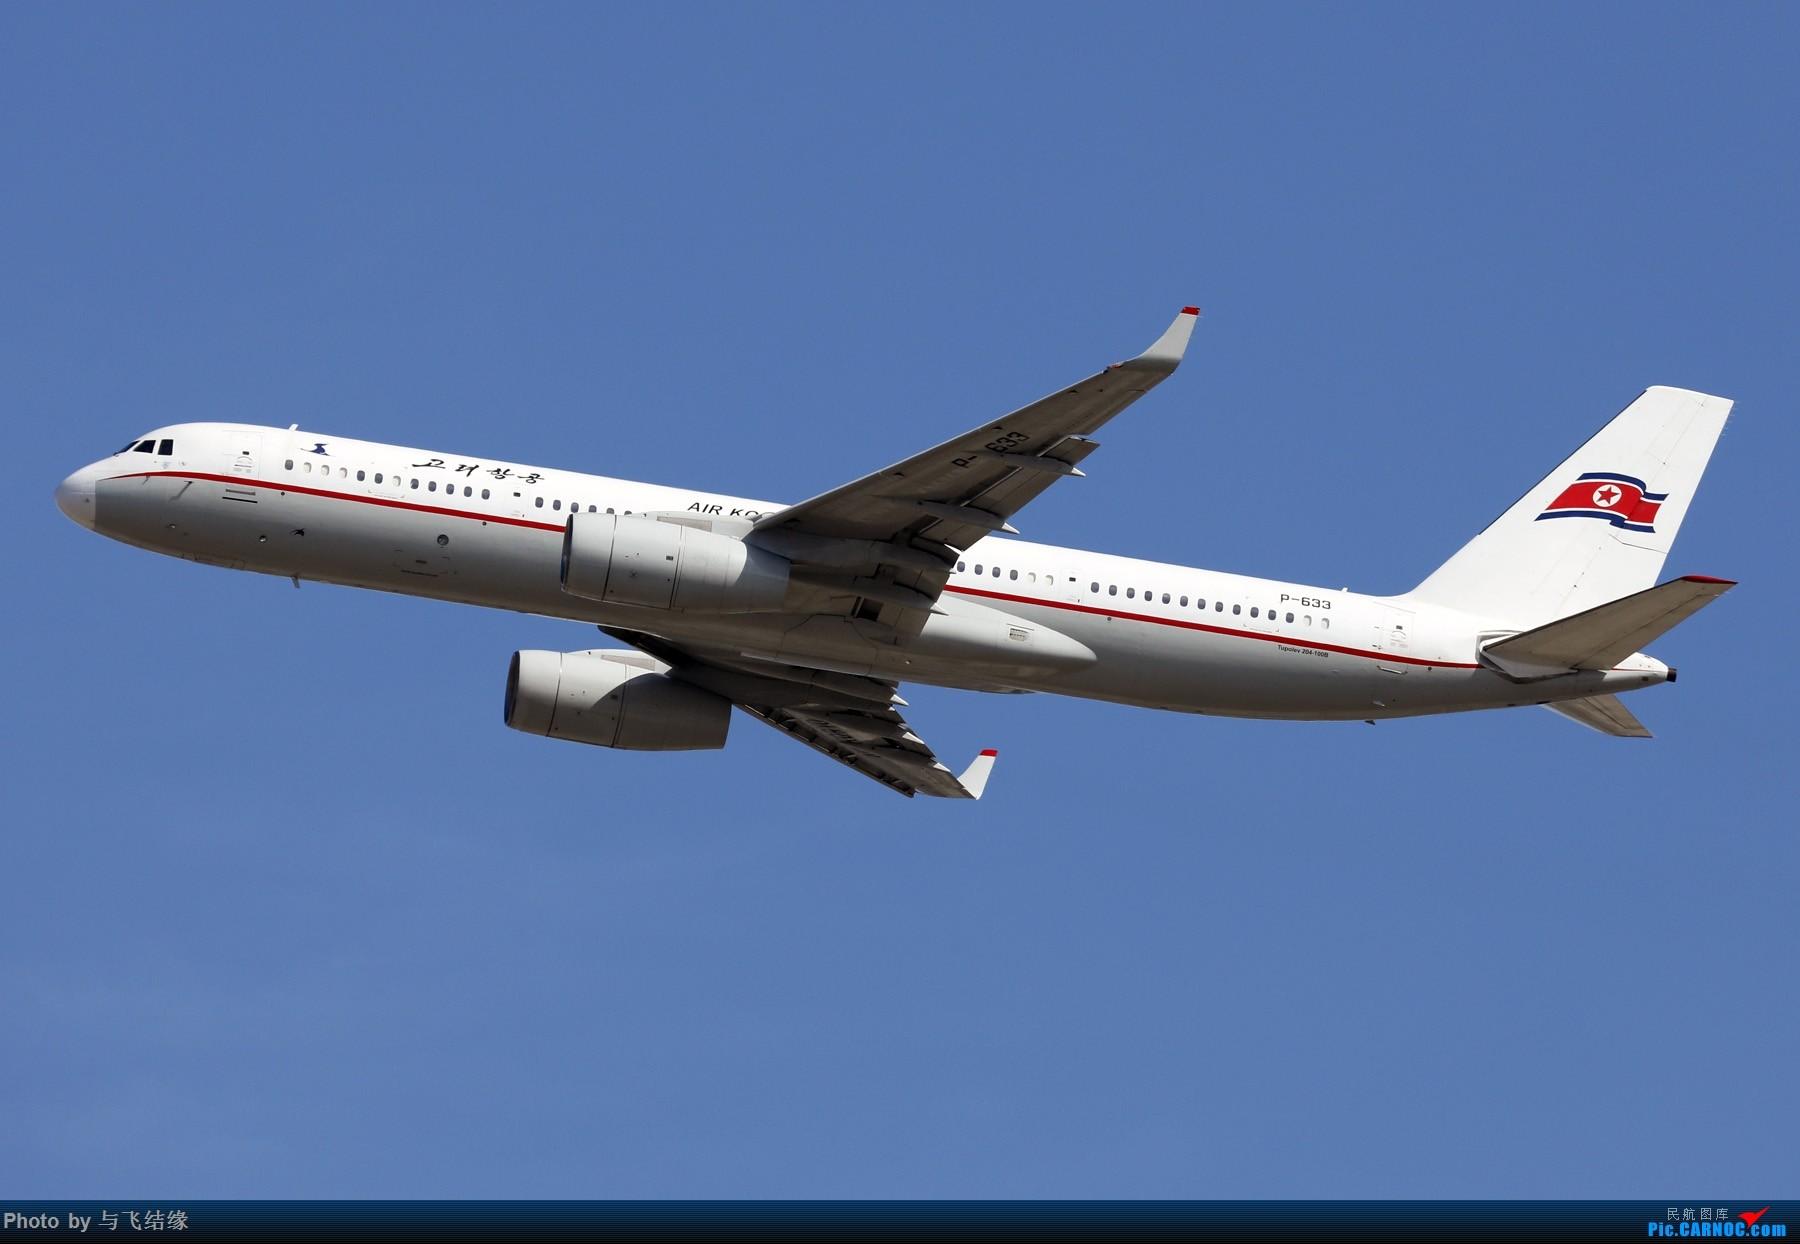 [原创]朝鲜高丽航空图204起飞爬升中! TUPOLEV TU-204 P-633 中国北京首都国际机场